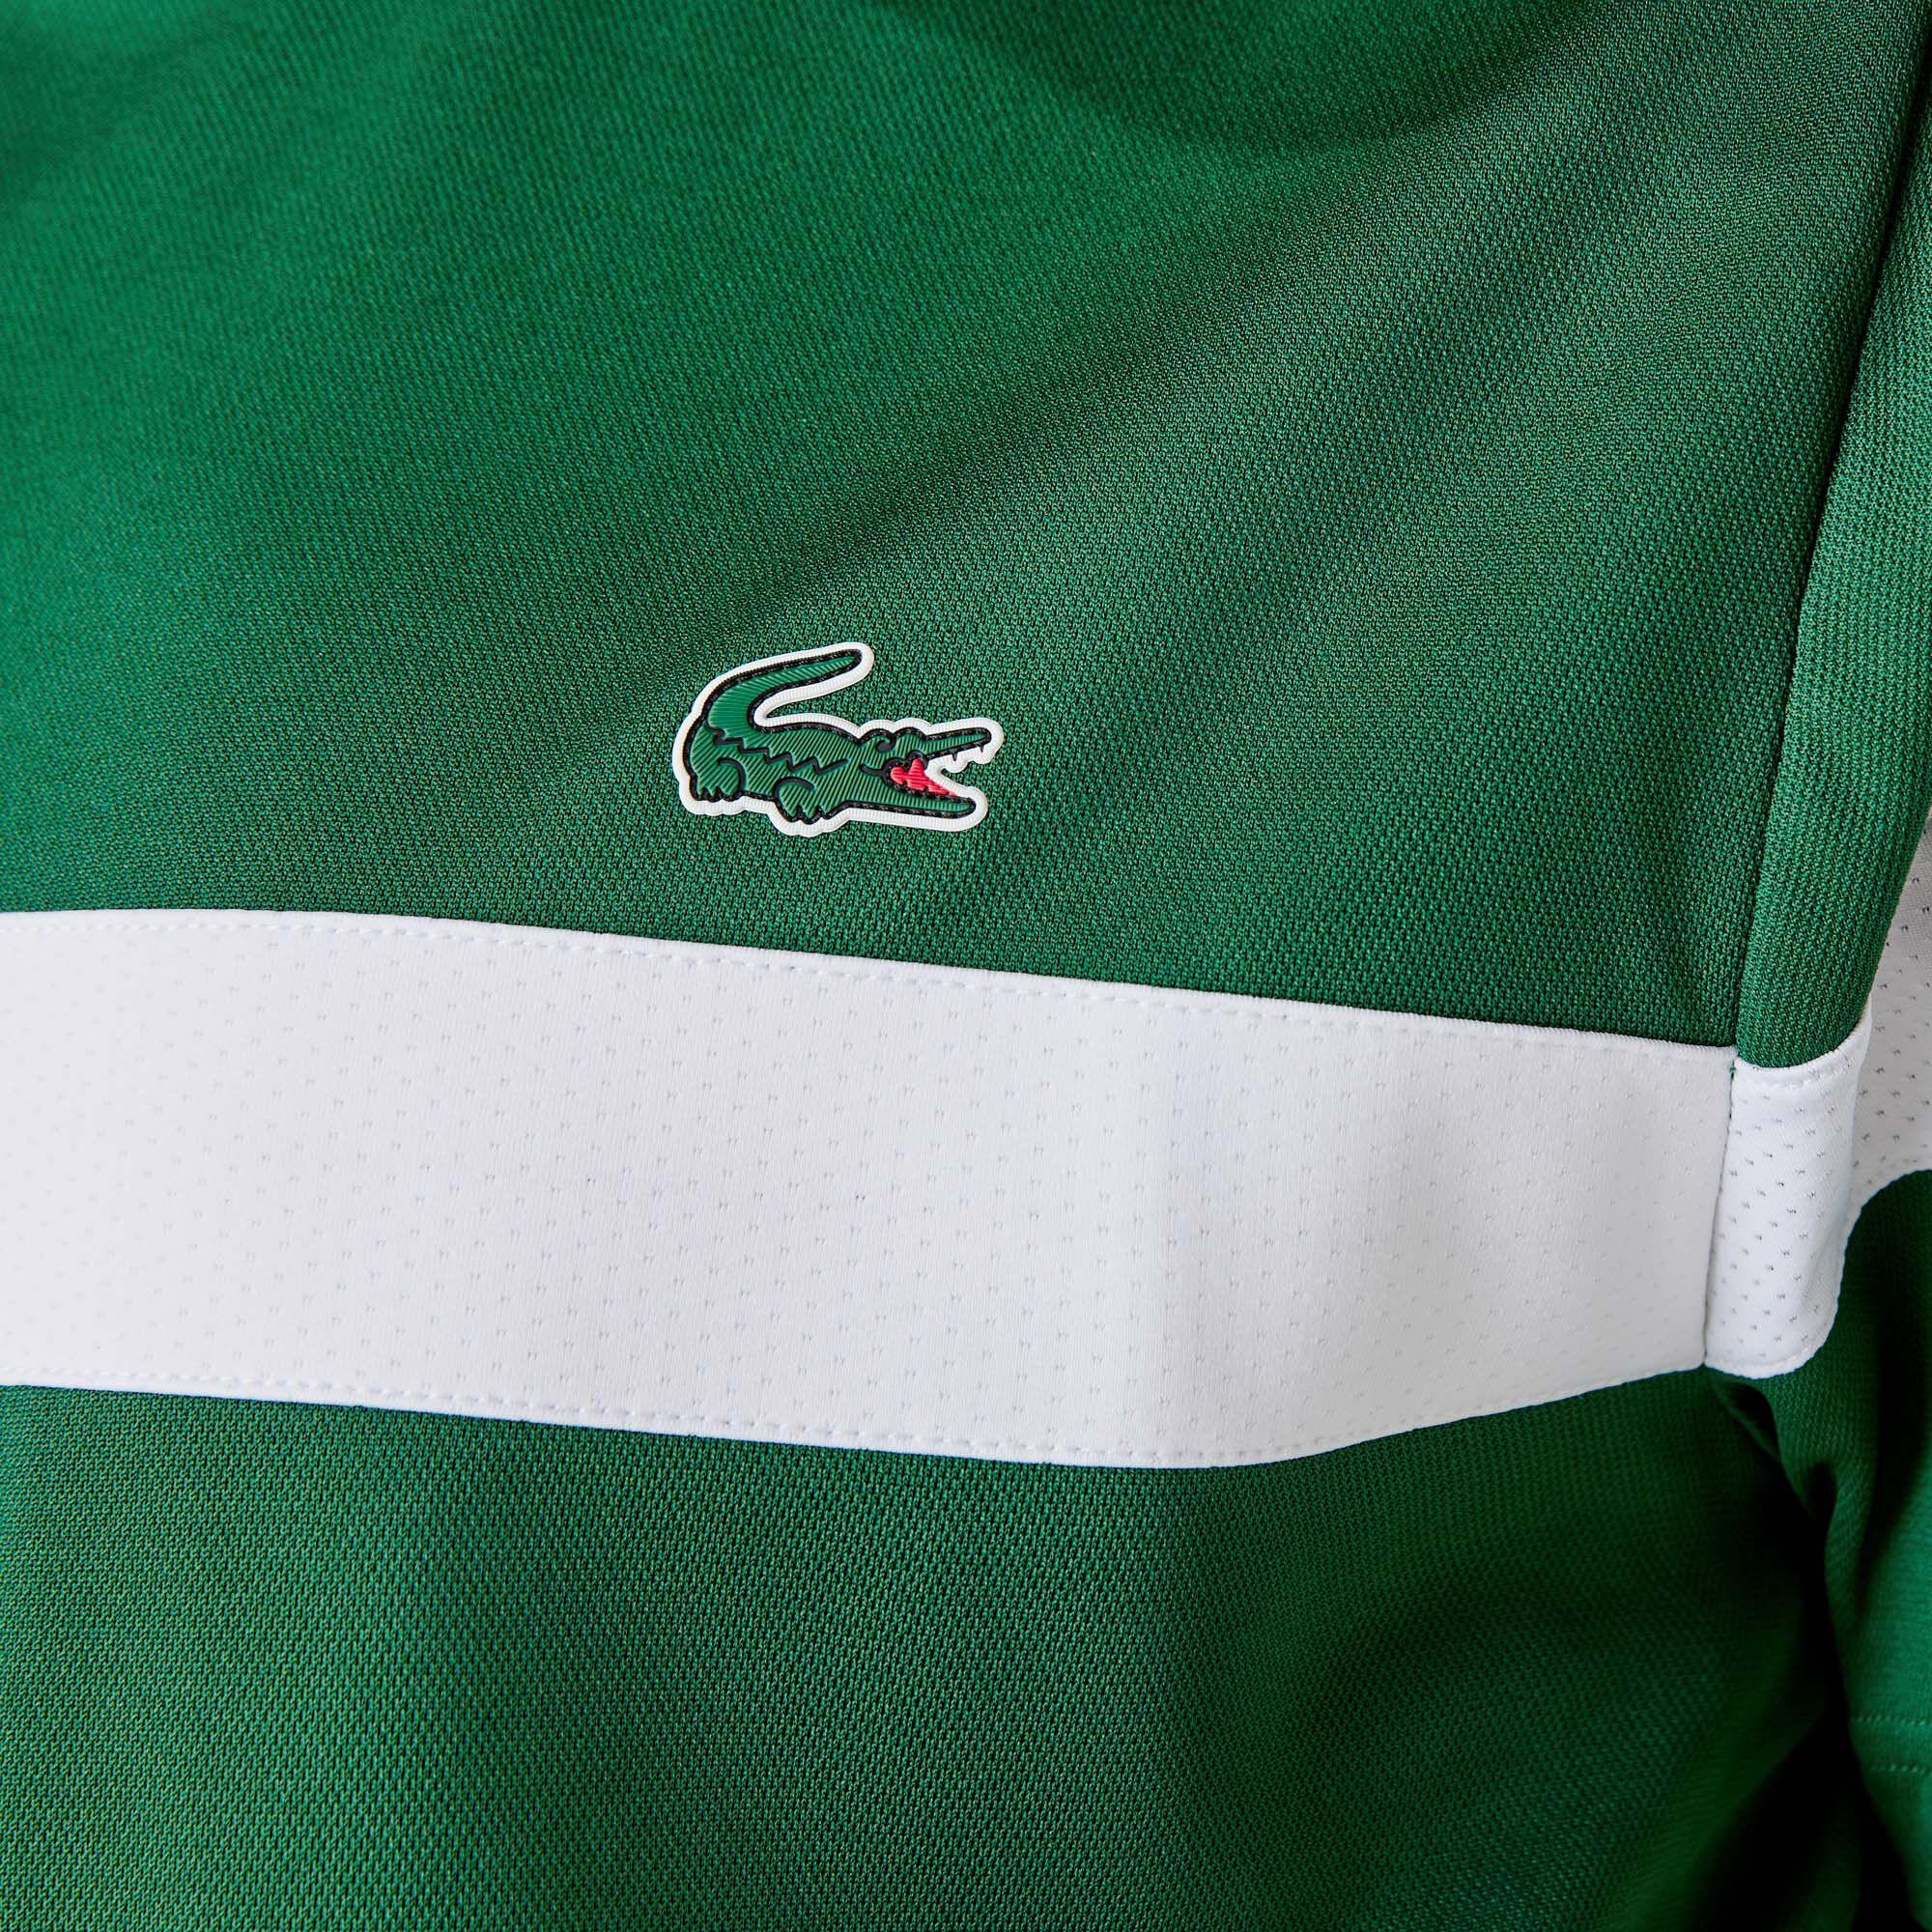 Men's Lacoste SPORT Colourblock Breathable Piqué Tennis T-shirt